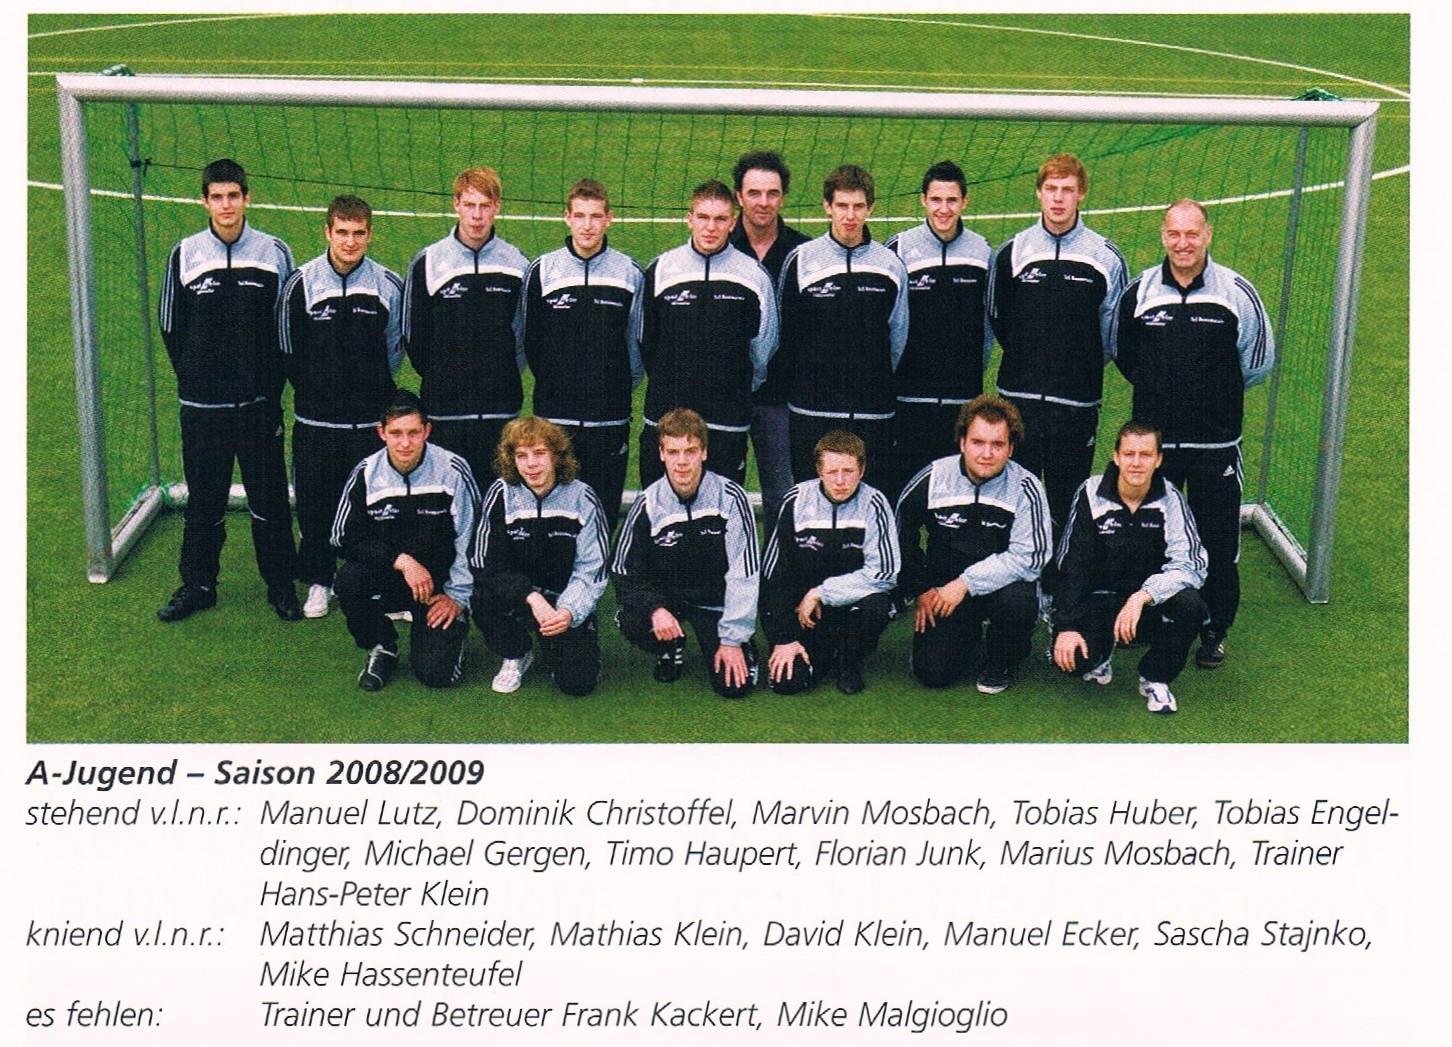 A-JUGEND 2008/09